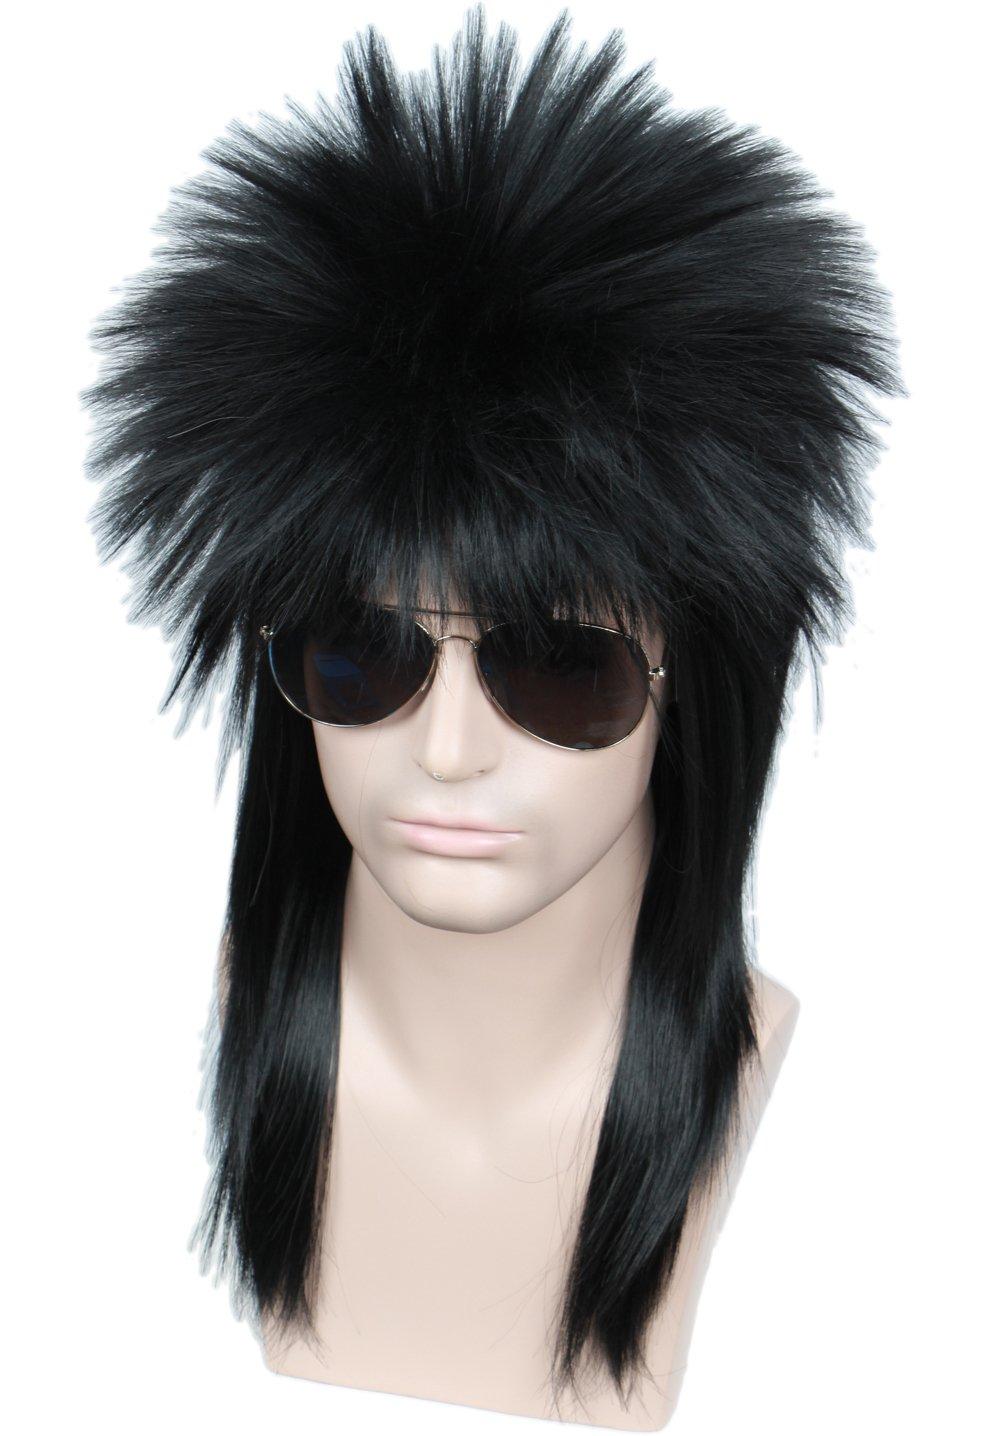 Linfairy 80s Heavy Metal Halloween Curly Wigs Fancy Dress Wig (black curly)